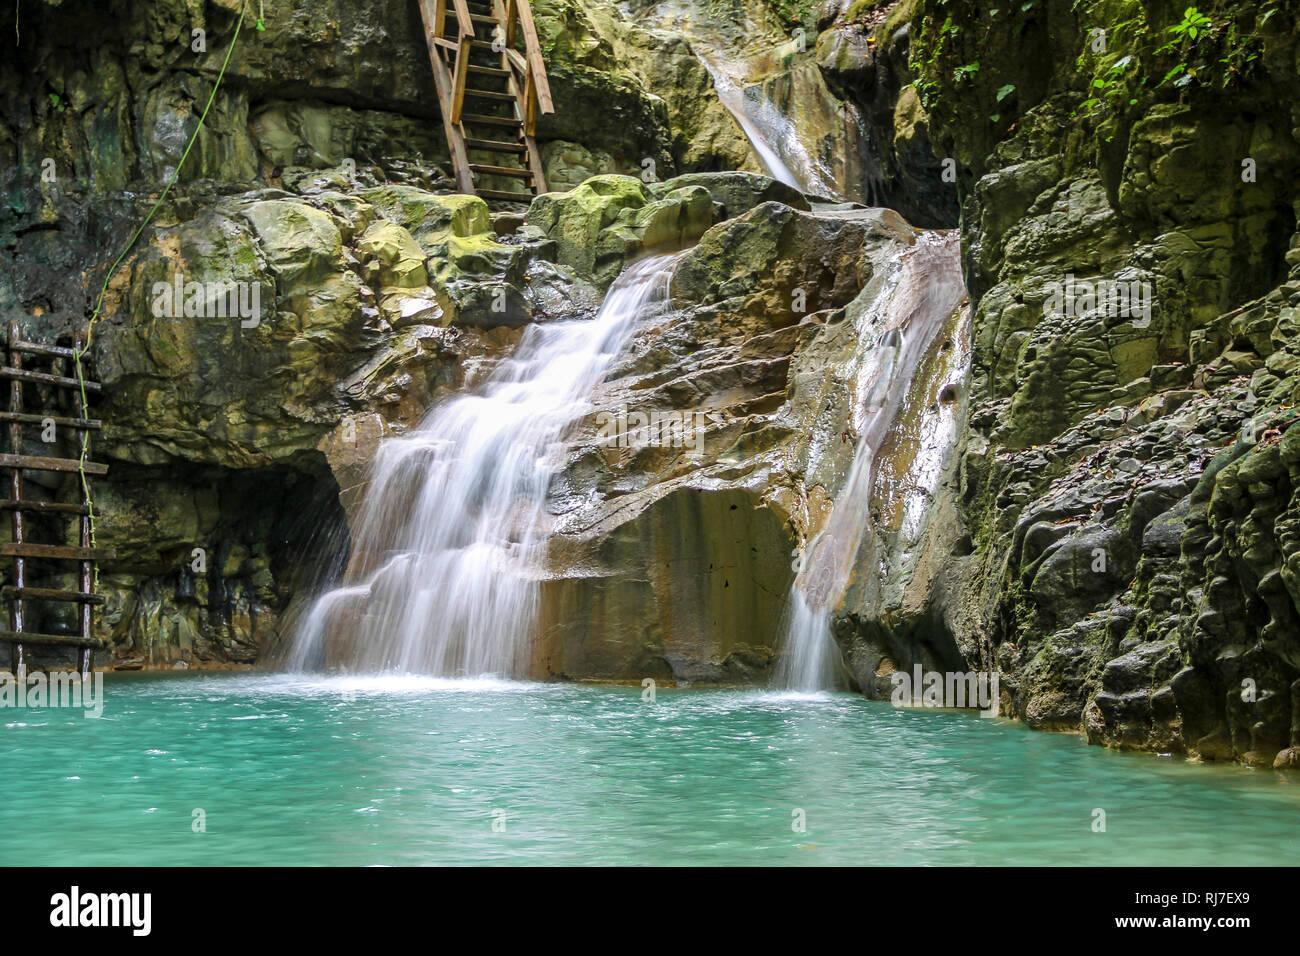 Große Antillen, Karibik, Dominikanische Republik, Imbert, Naturjuwel 27 Charcos de Damajagua Foto de stock